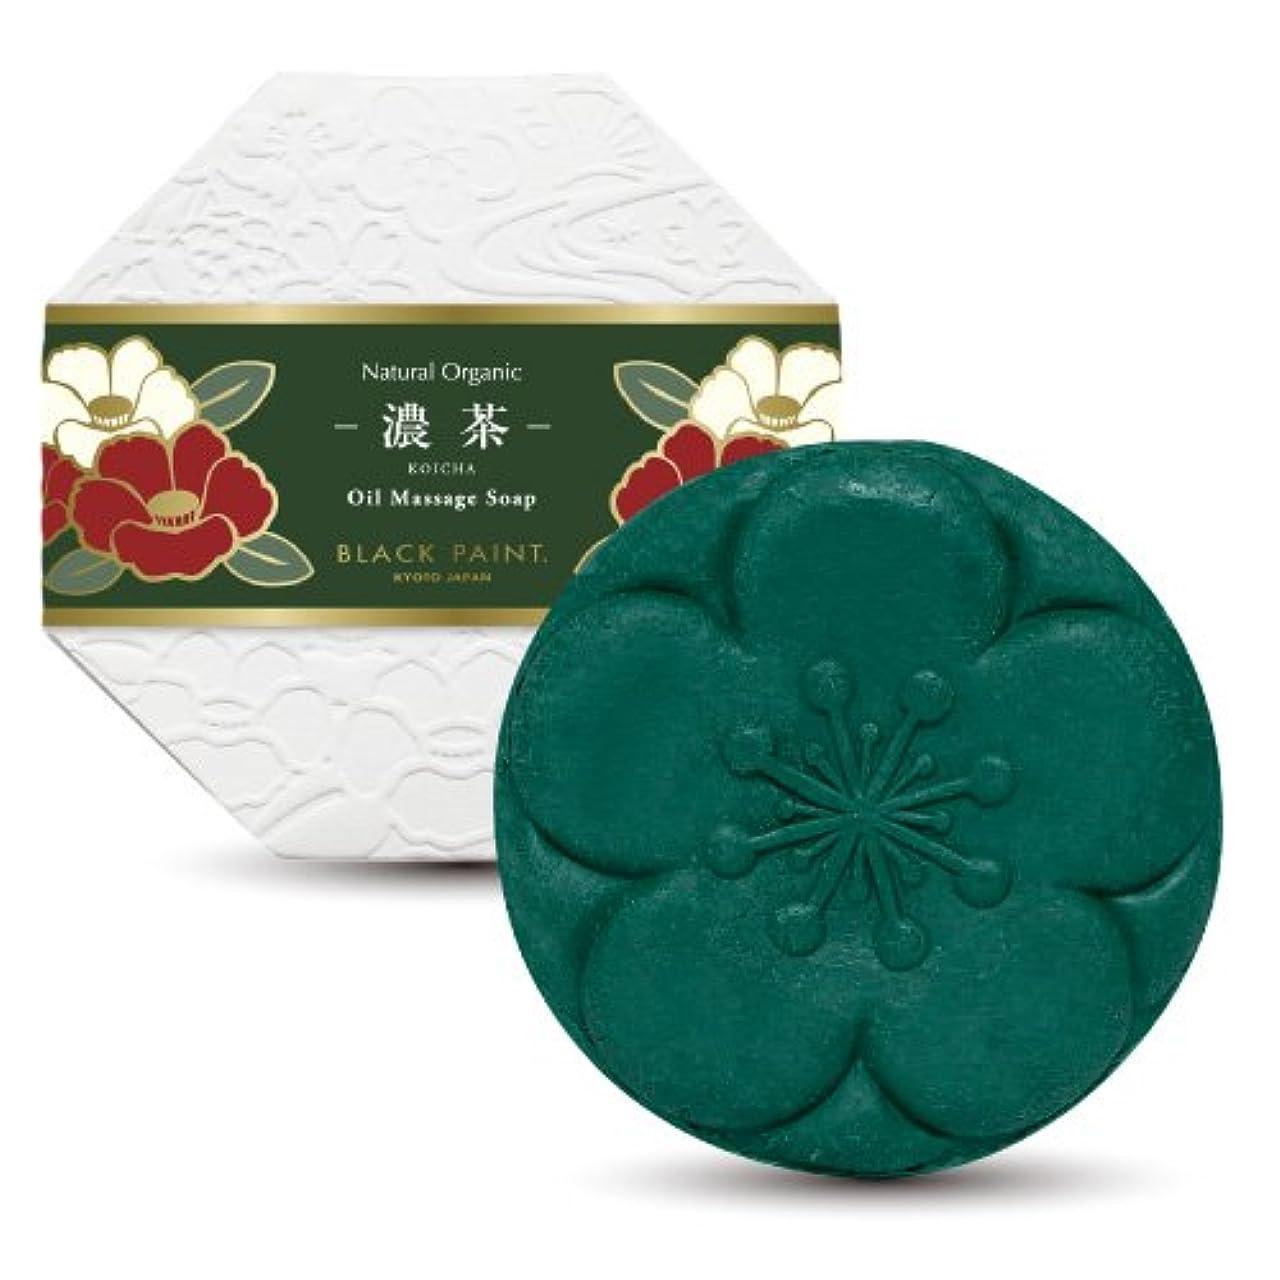 チョップ大声で朝の体操をする京のお茶石鹸 濃茶 120g 塗る石鹸